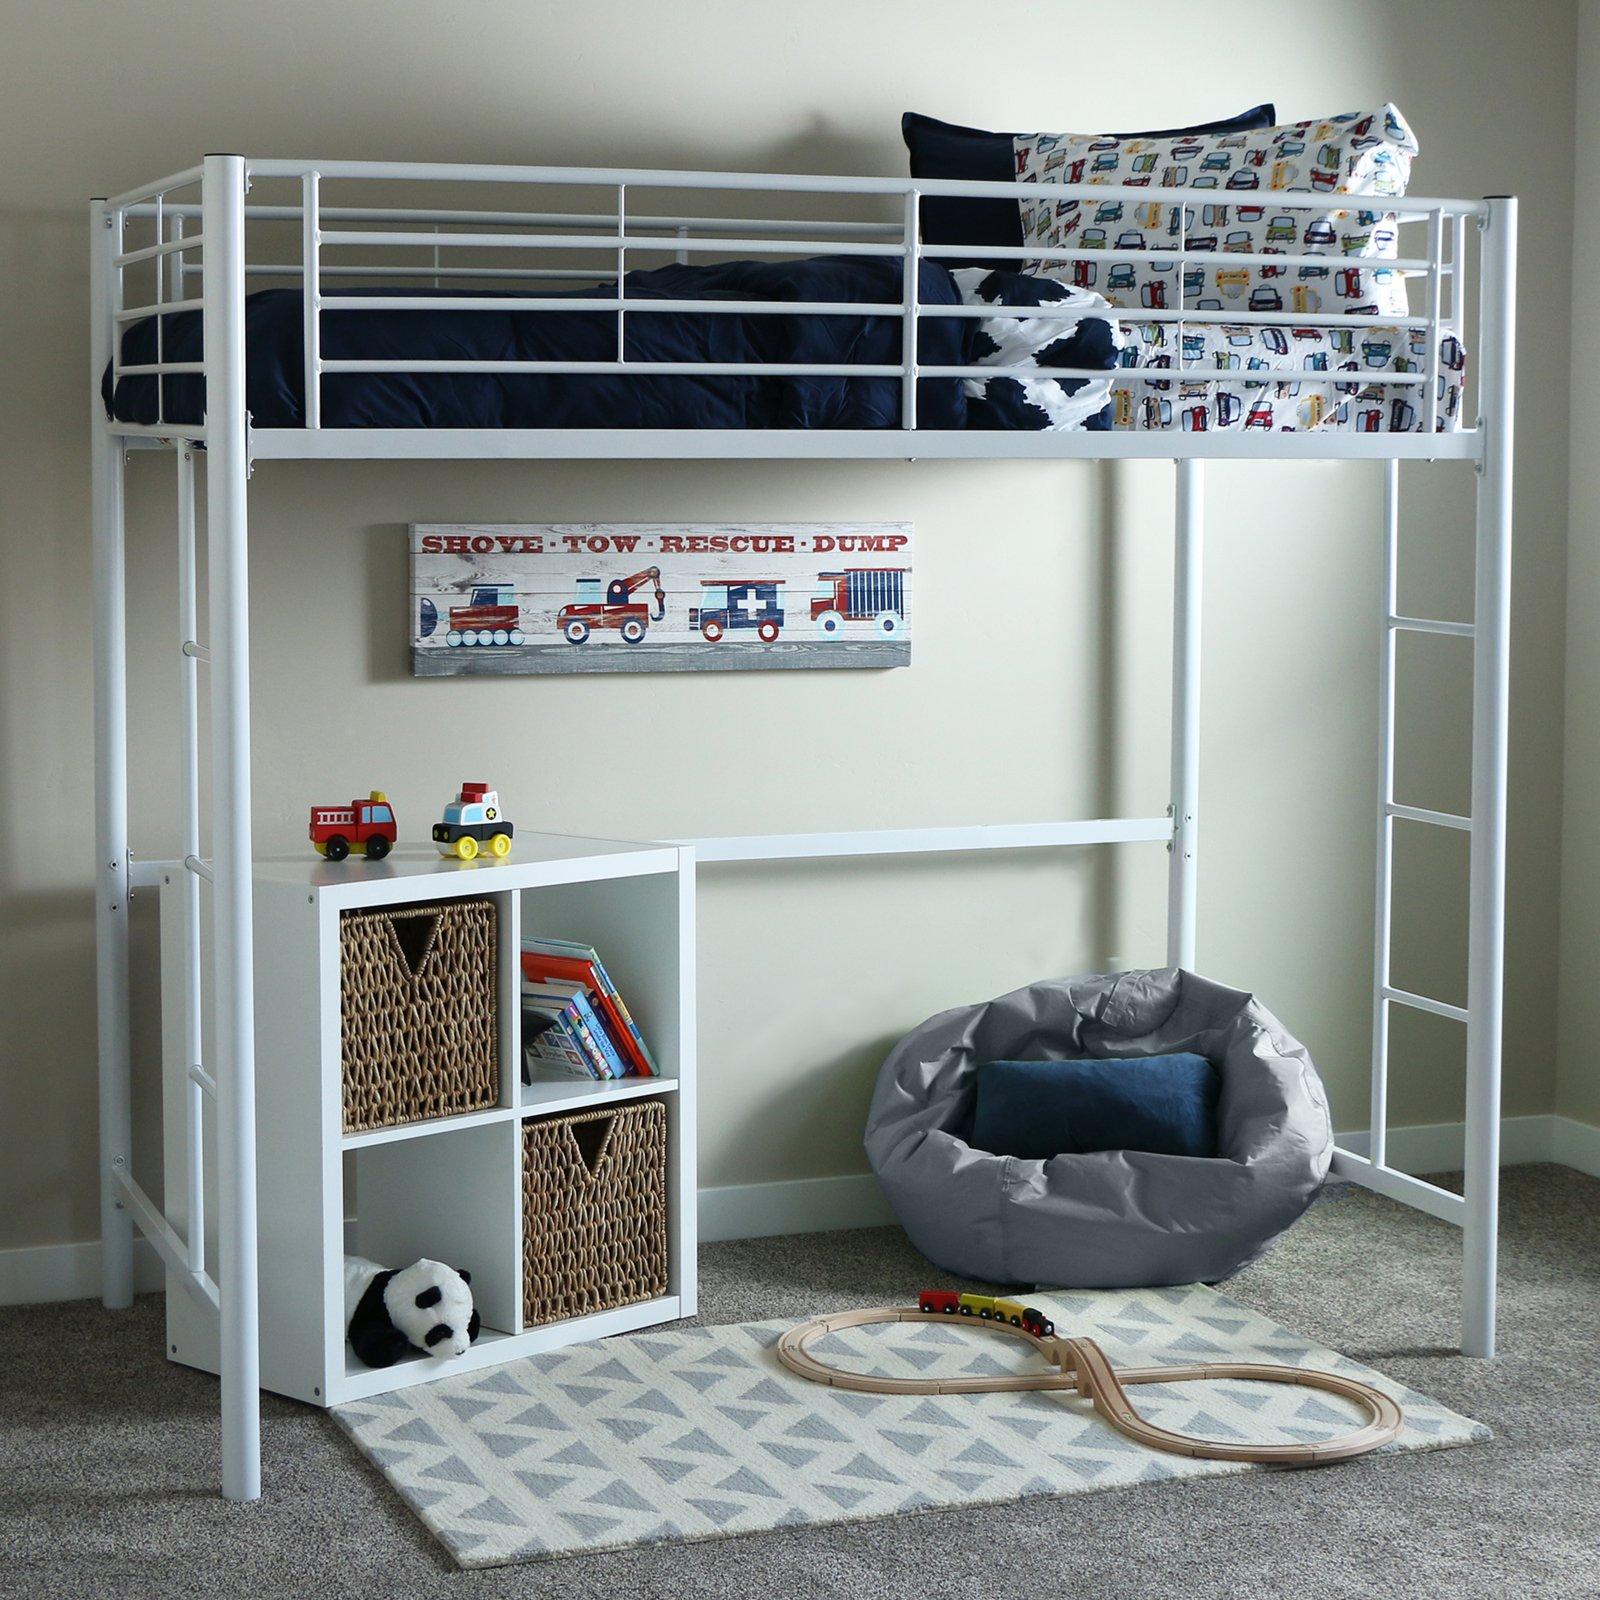 Loft beds Sunset loft bed - white    Hayneedle IPXXHTC